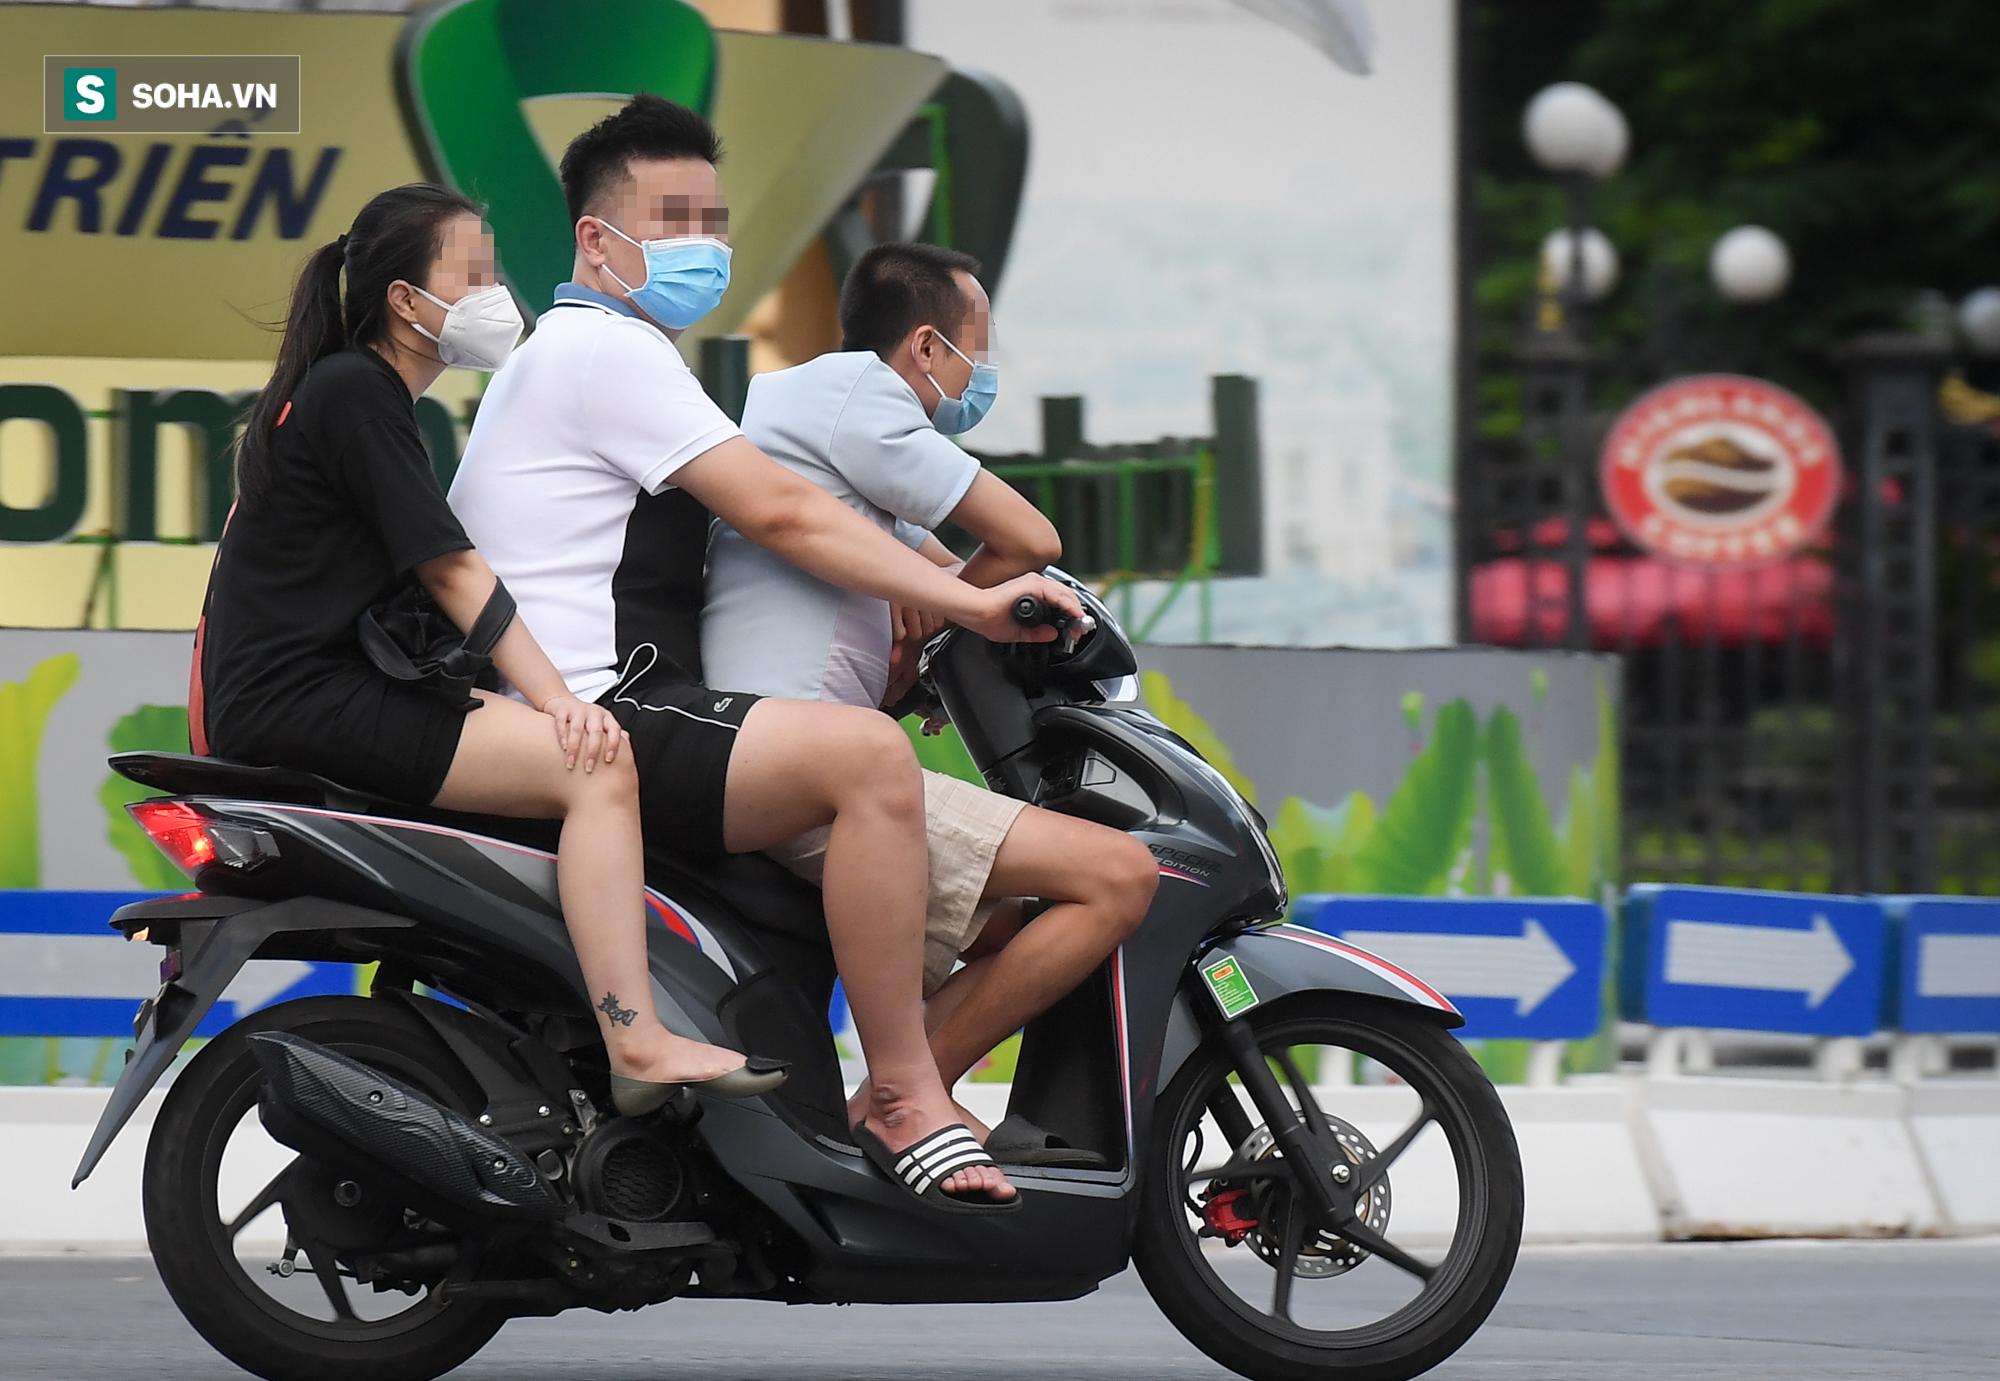 Ra đường mùa dịch: Nhiều người ở Hà Nội nhớ khẩu trang nhưng quên luật giao thông - Ảnh 2.